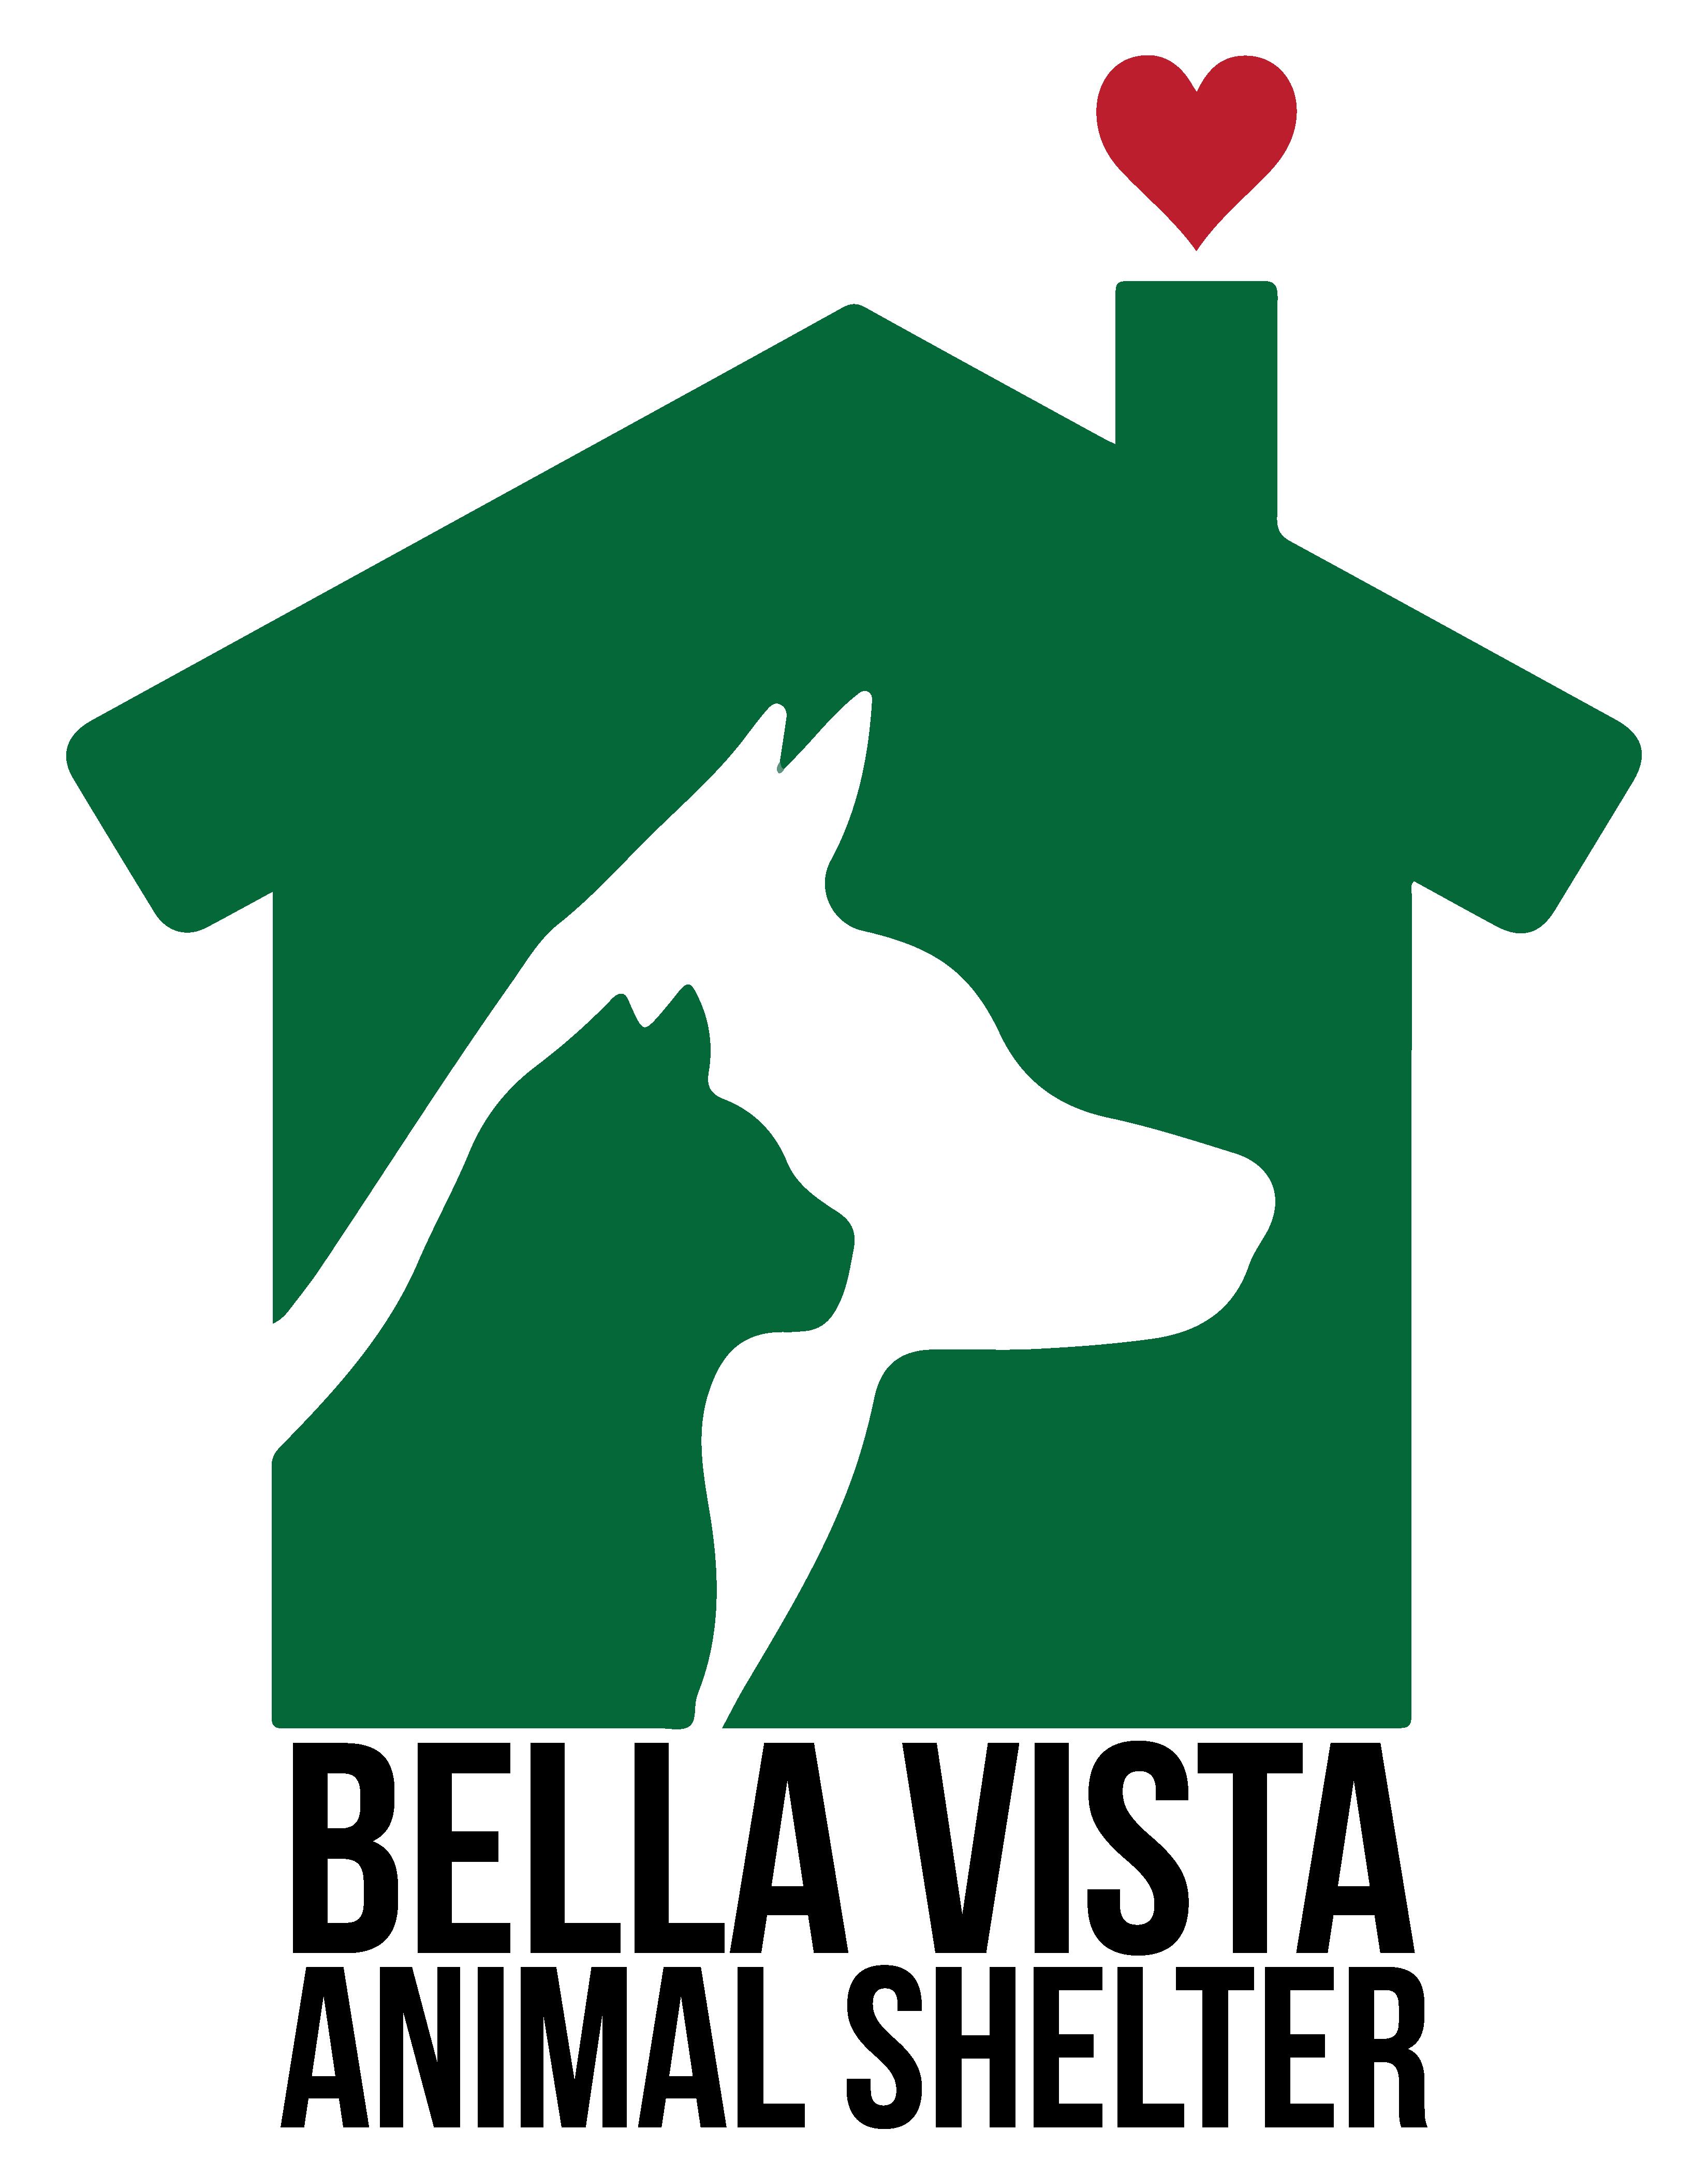 Bella Vista Animal Shelter